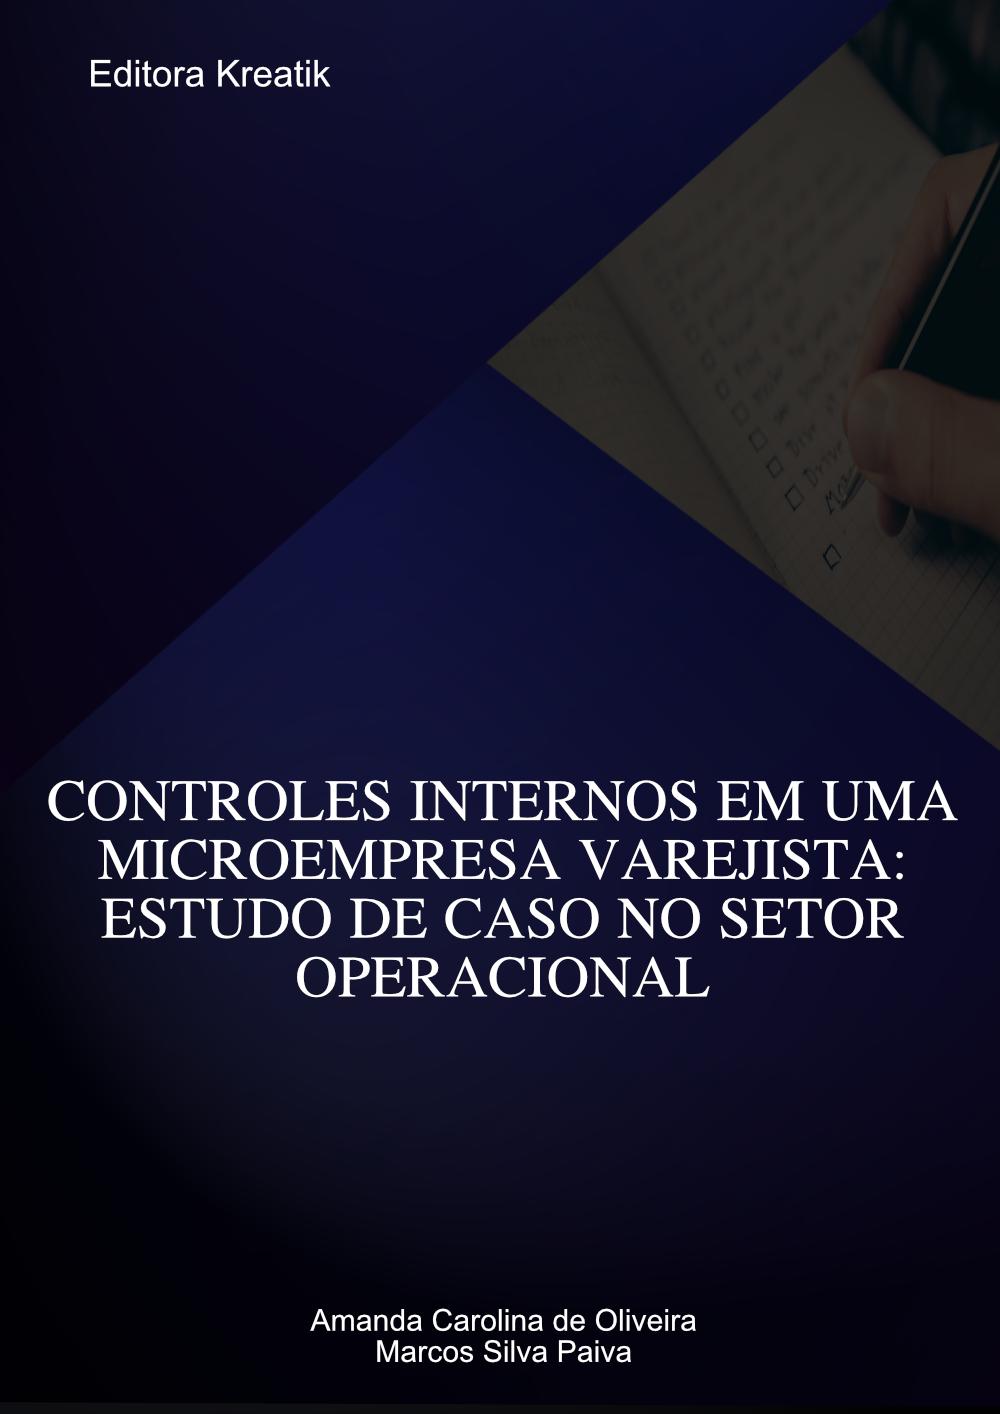 Controles internos em uma microempresa varejista: estudo de caso no setor operacional